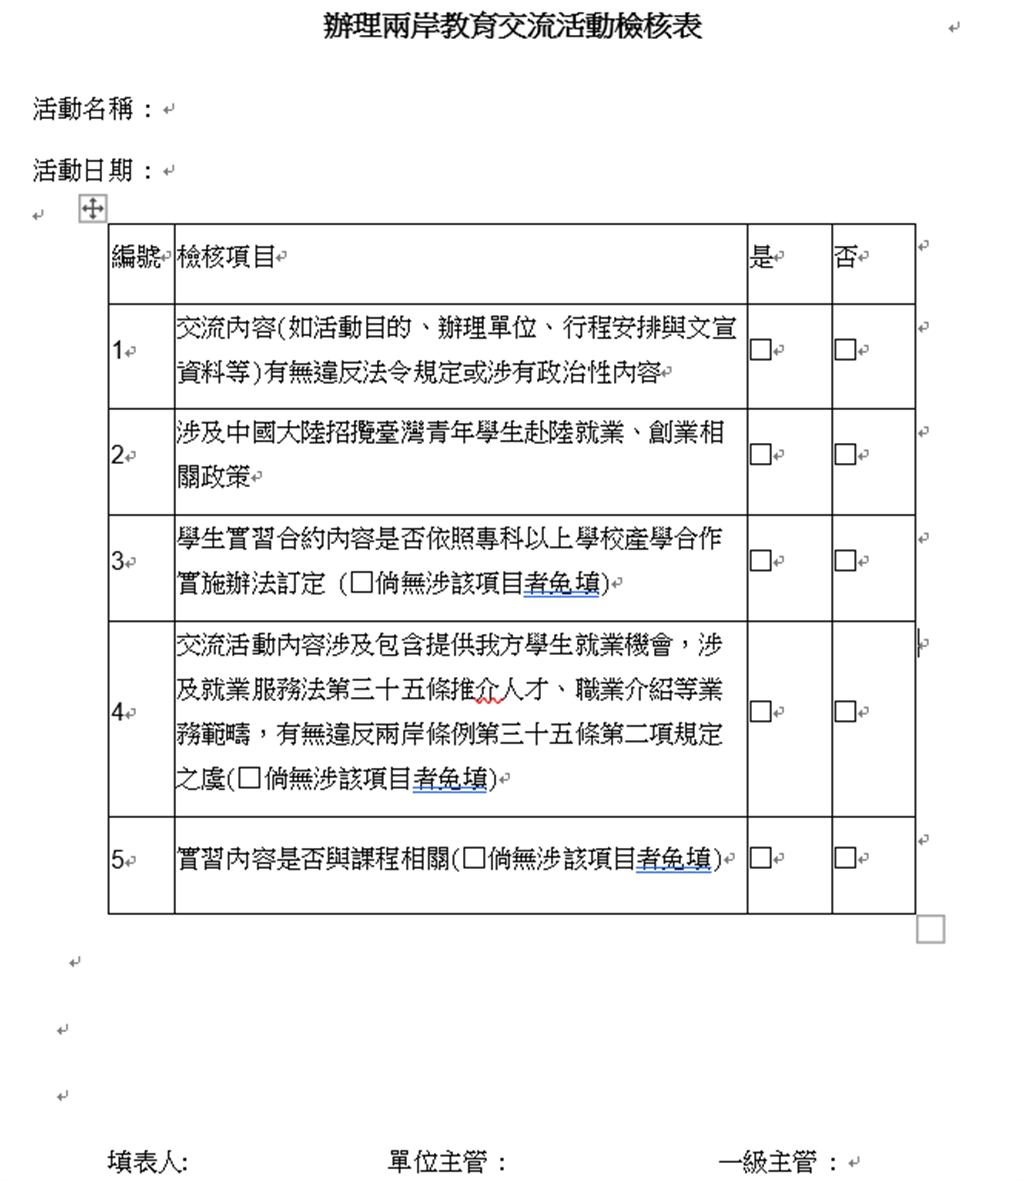 教育部要求各級學校自108學年度起回報赴陸交流情況,學校需先填妥 「辦理兩岸教育交流活動檢核表」,完成內部檢查機制。(李侑珊翻攝)